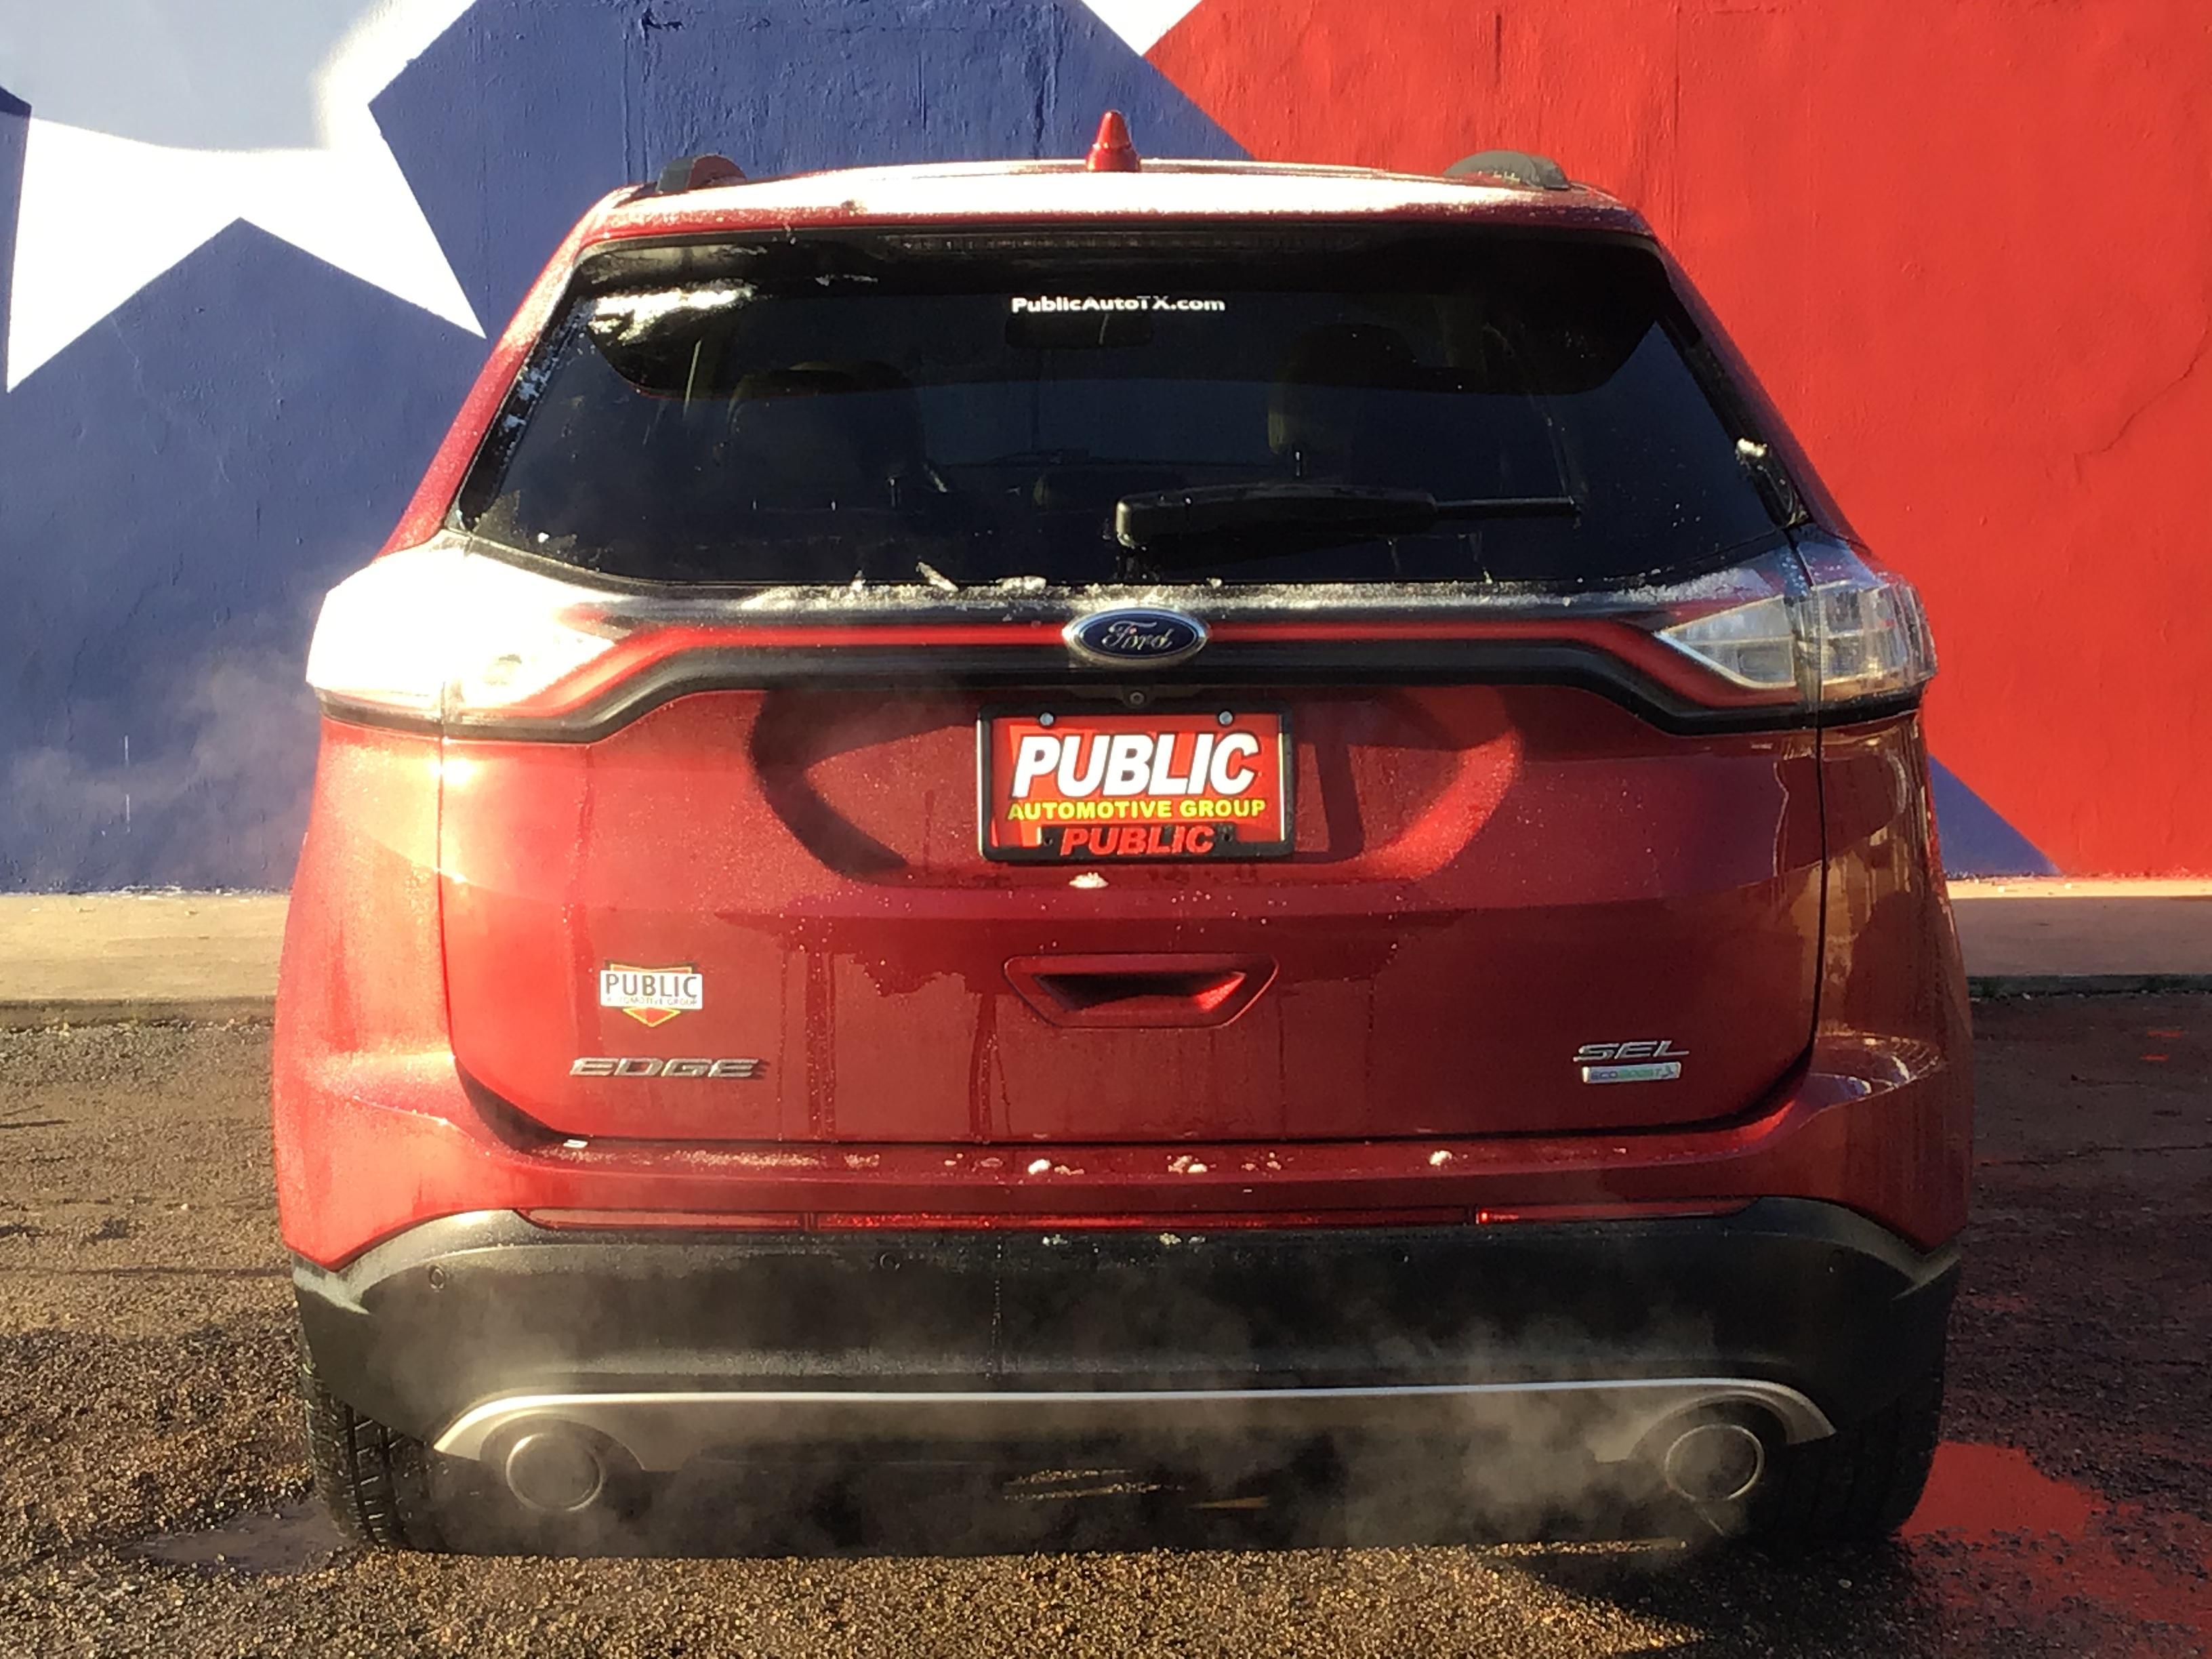 used vehicle - SUV FORD EDGE 2016